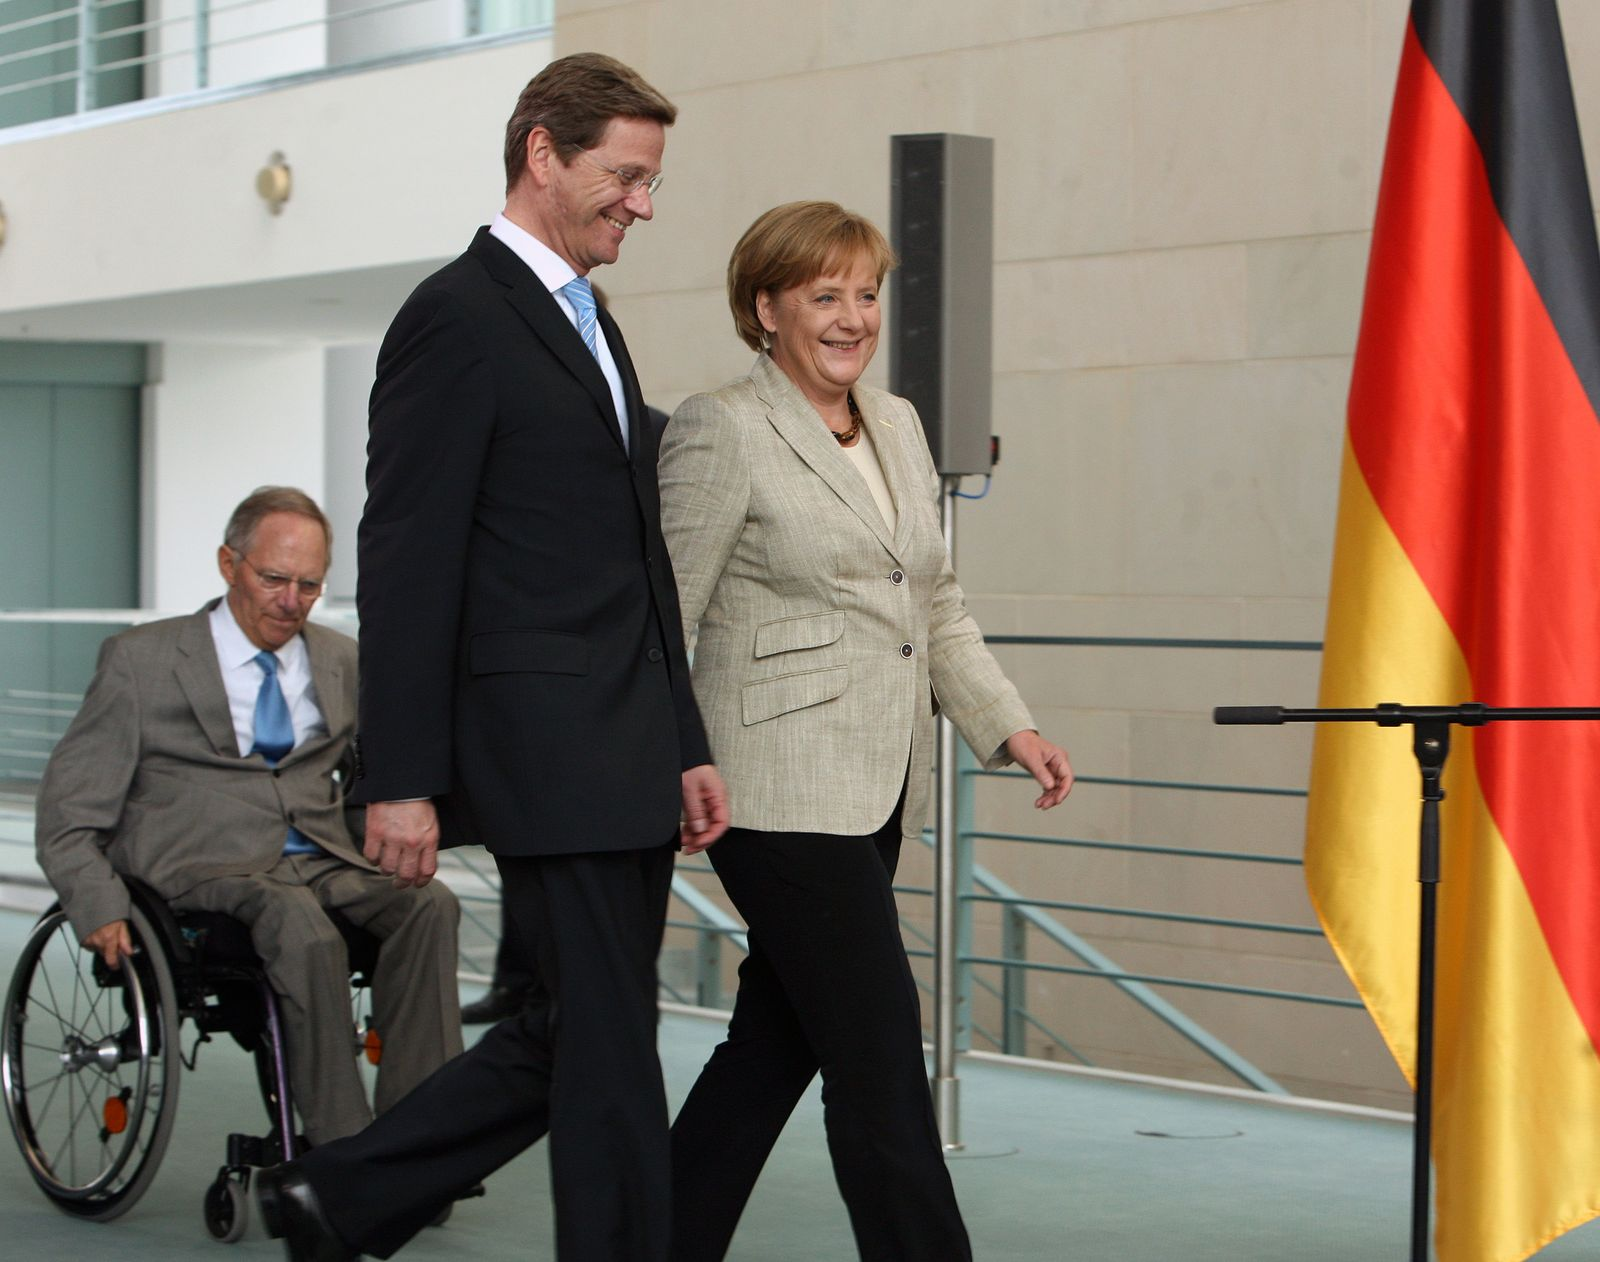 Westerwelle/ Merkel/ Schäuble